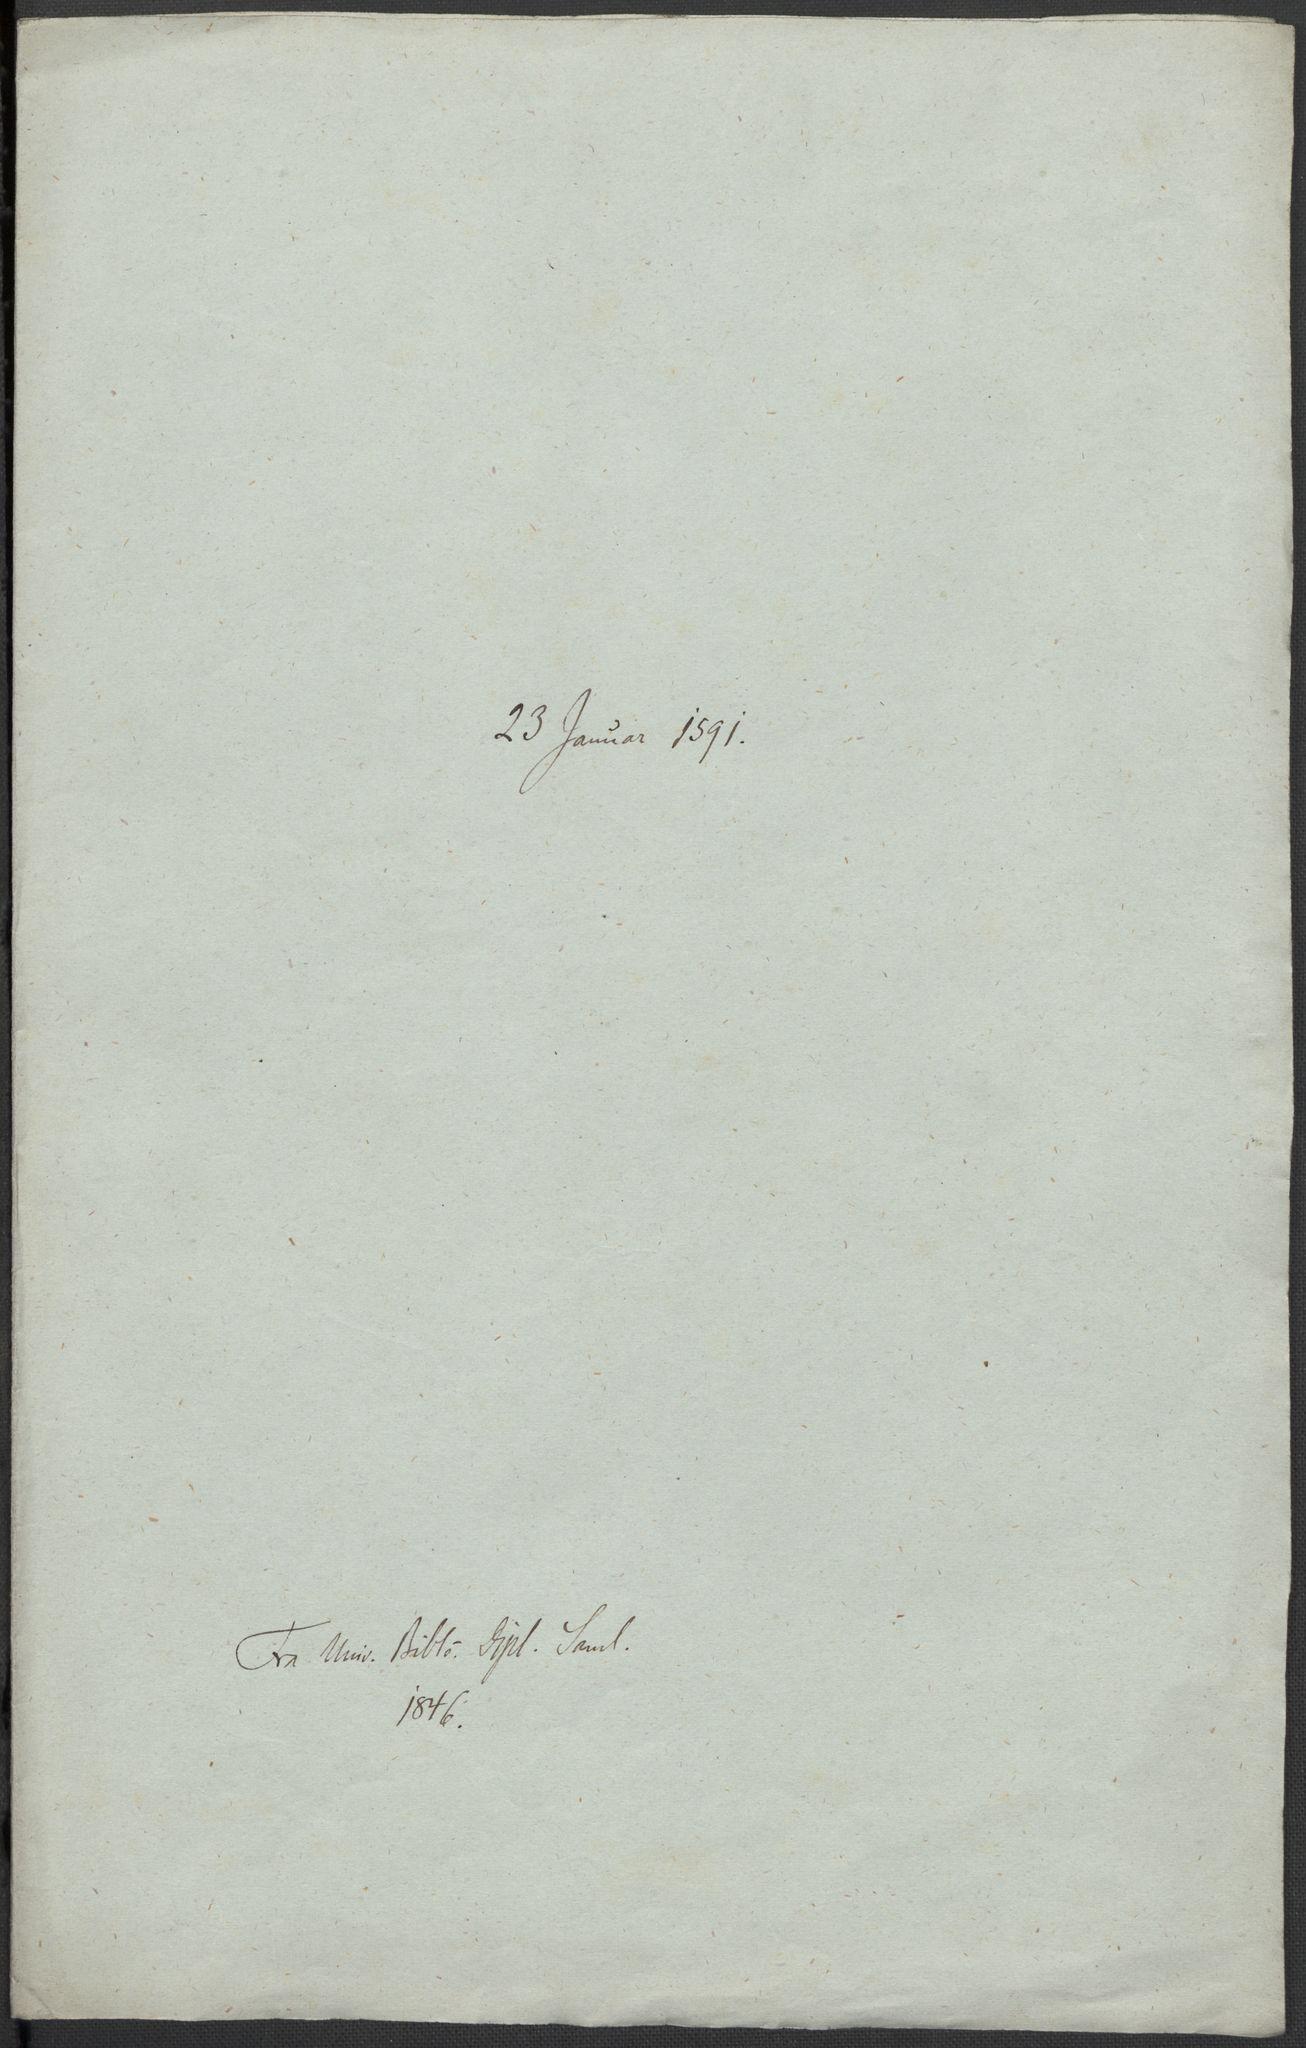 RA, Riksarkivets diplomsamling, F02/L0093: Dokumenter, 1591, s. 20